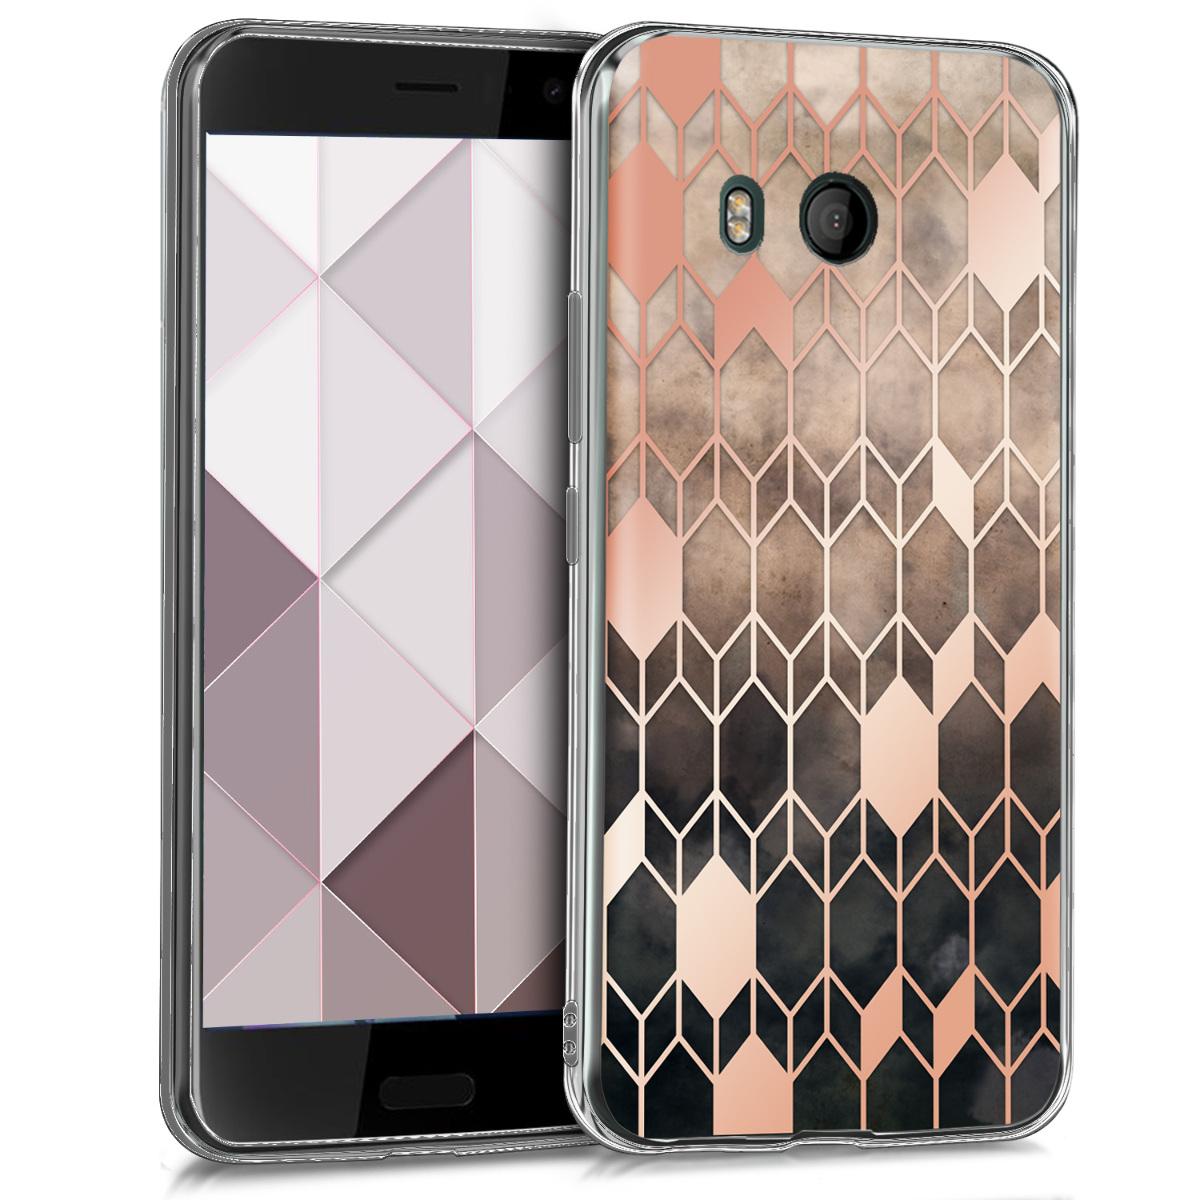 KW Θήκη Σιλικόνης(TPU) HTC U11 - Σκούρο ροζ/Μαύρο/ Γεωμετρικό σχέδιο (43086.03)